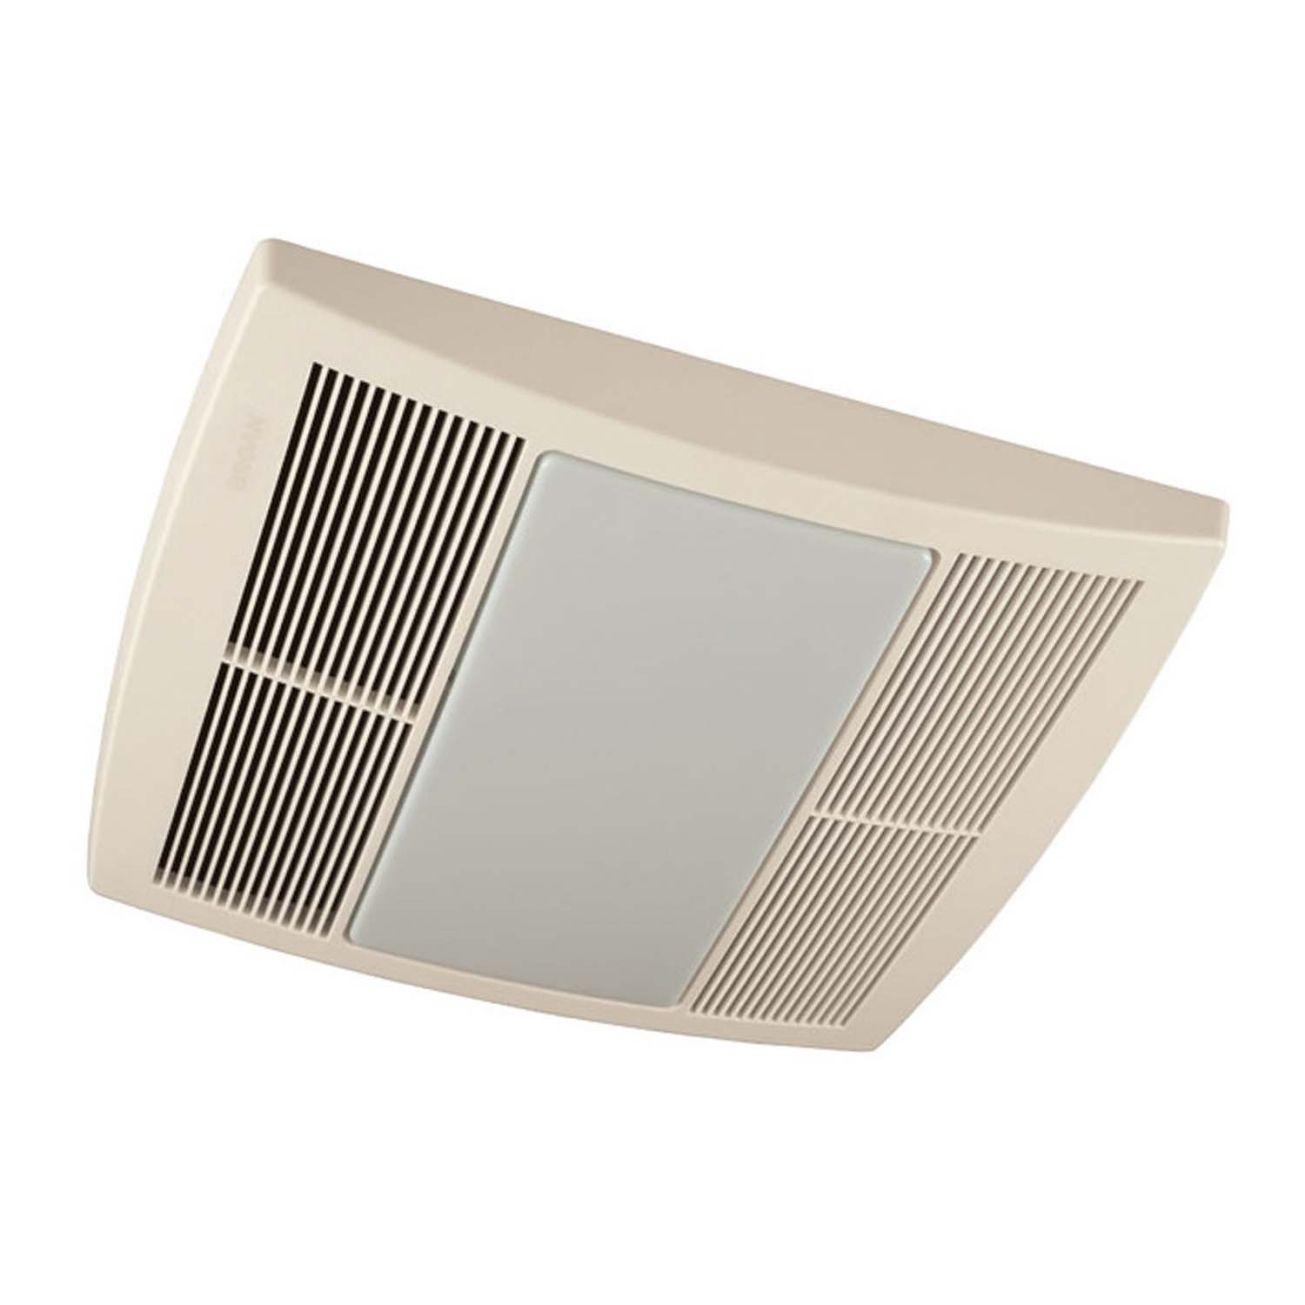 Broan Bathroom Exhaust Fan Light  Httponlinecompliance Fascinating Bathroom Fan With Light Inspiration